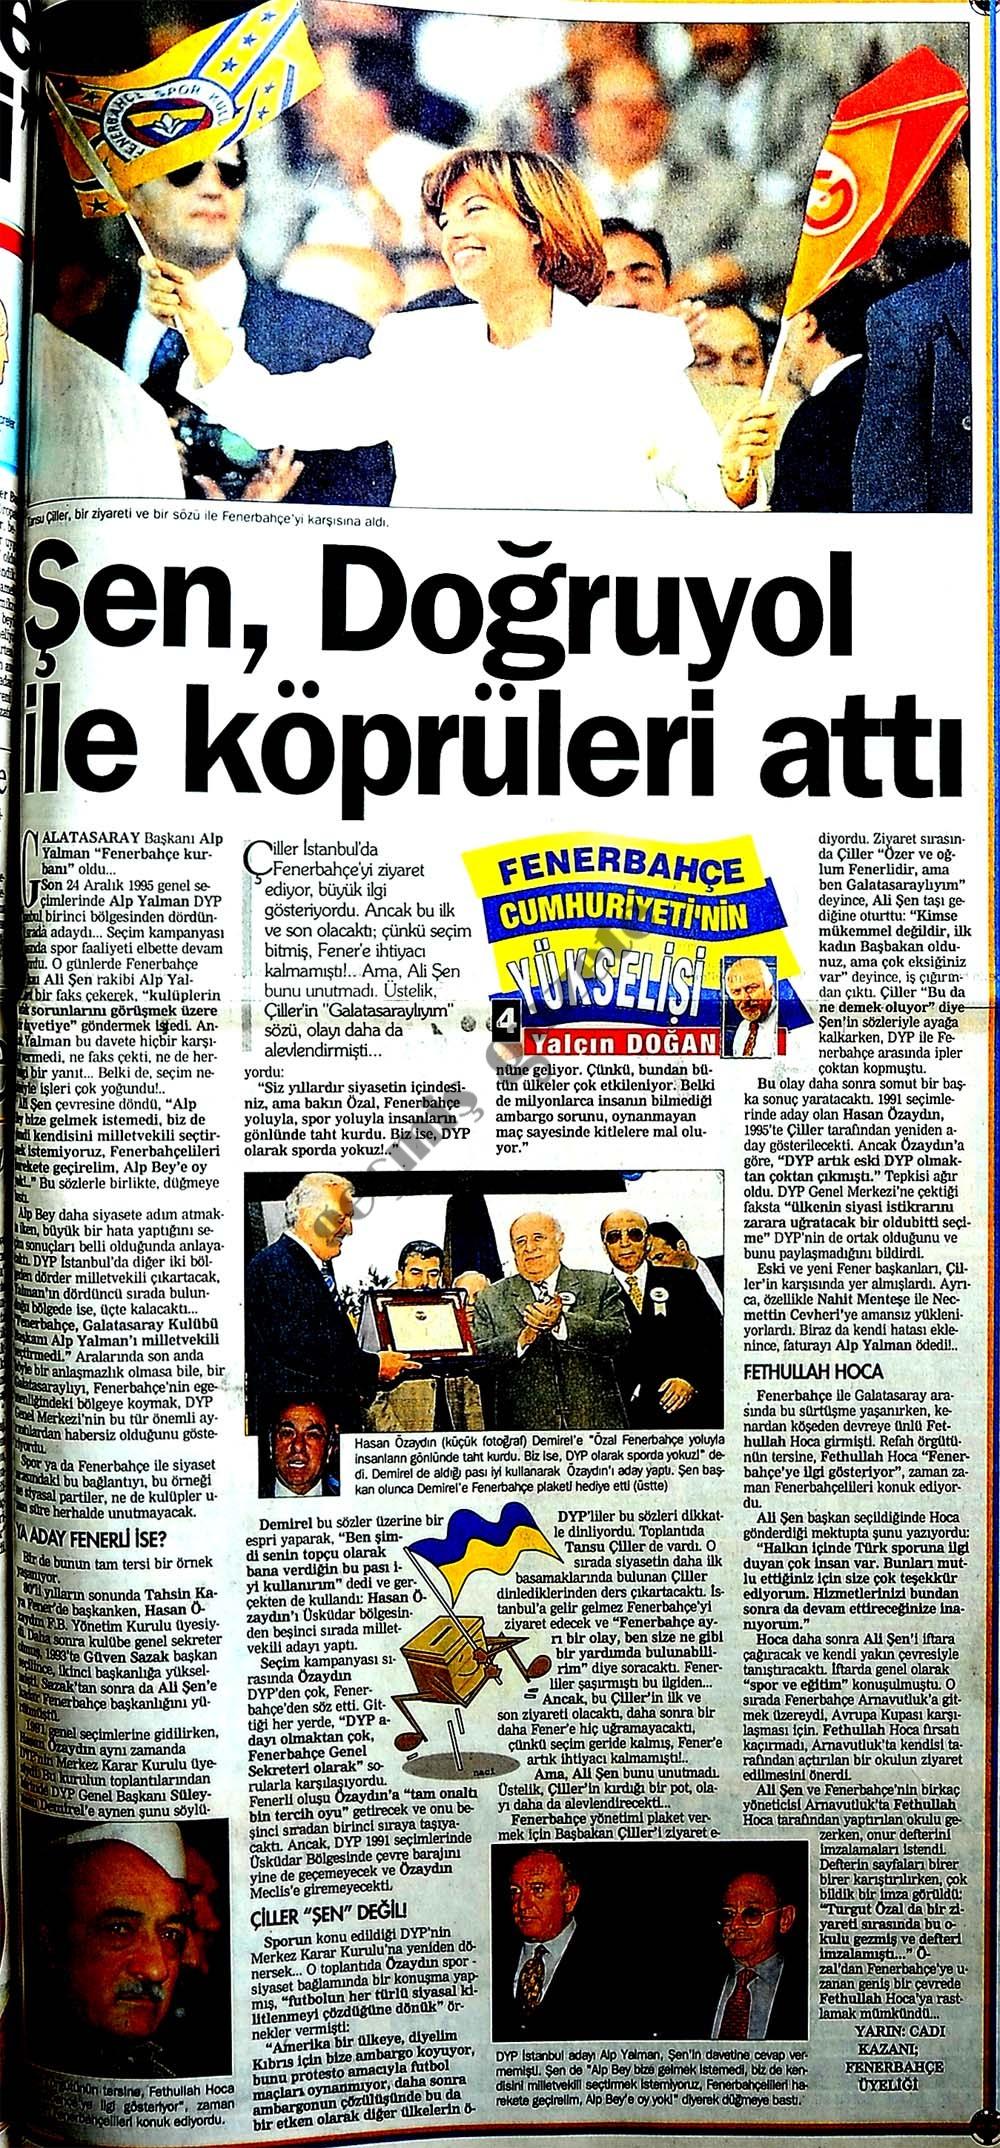 Fenerbahçe Cumhuriyeti'nin yükselişi